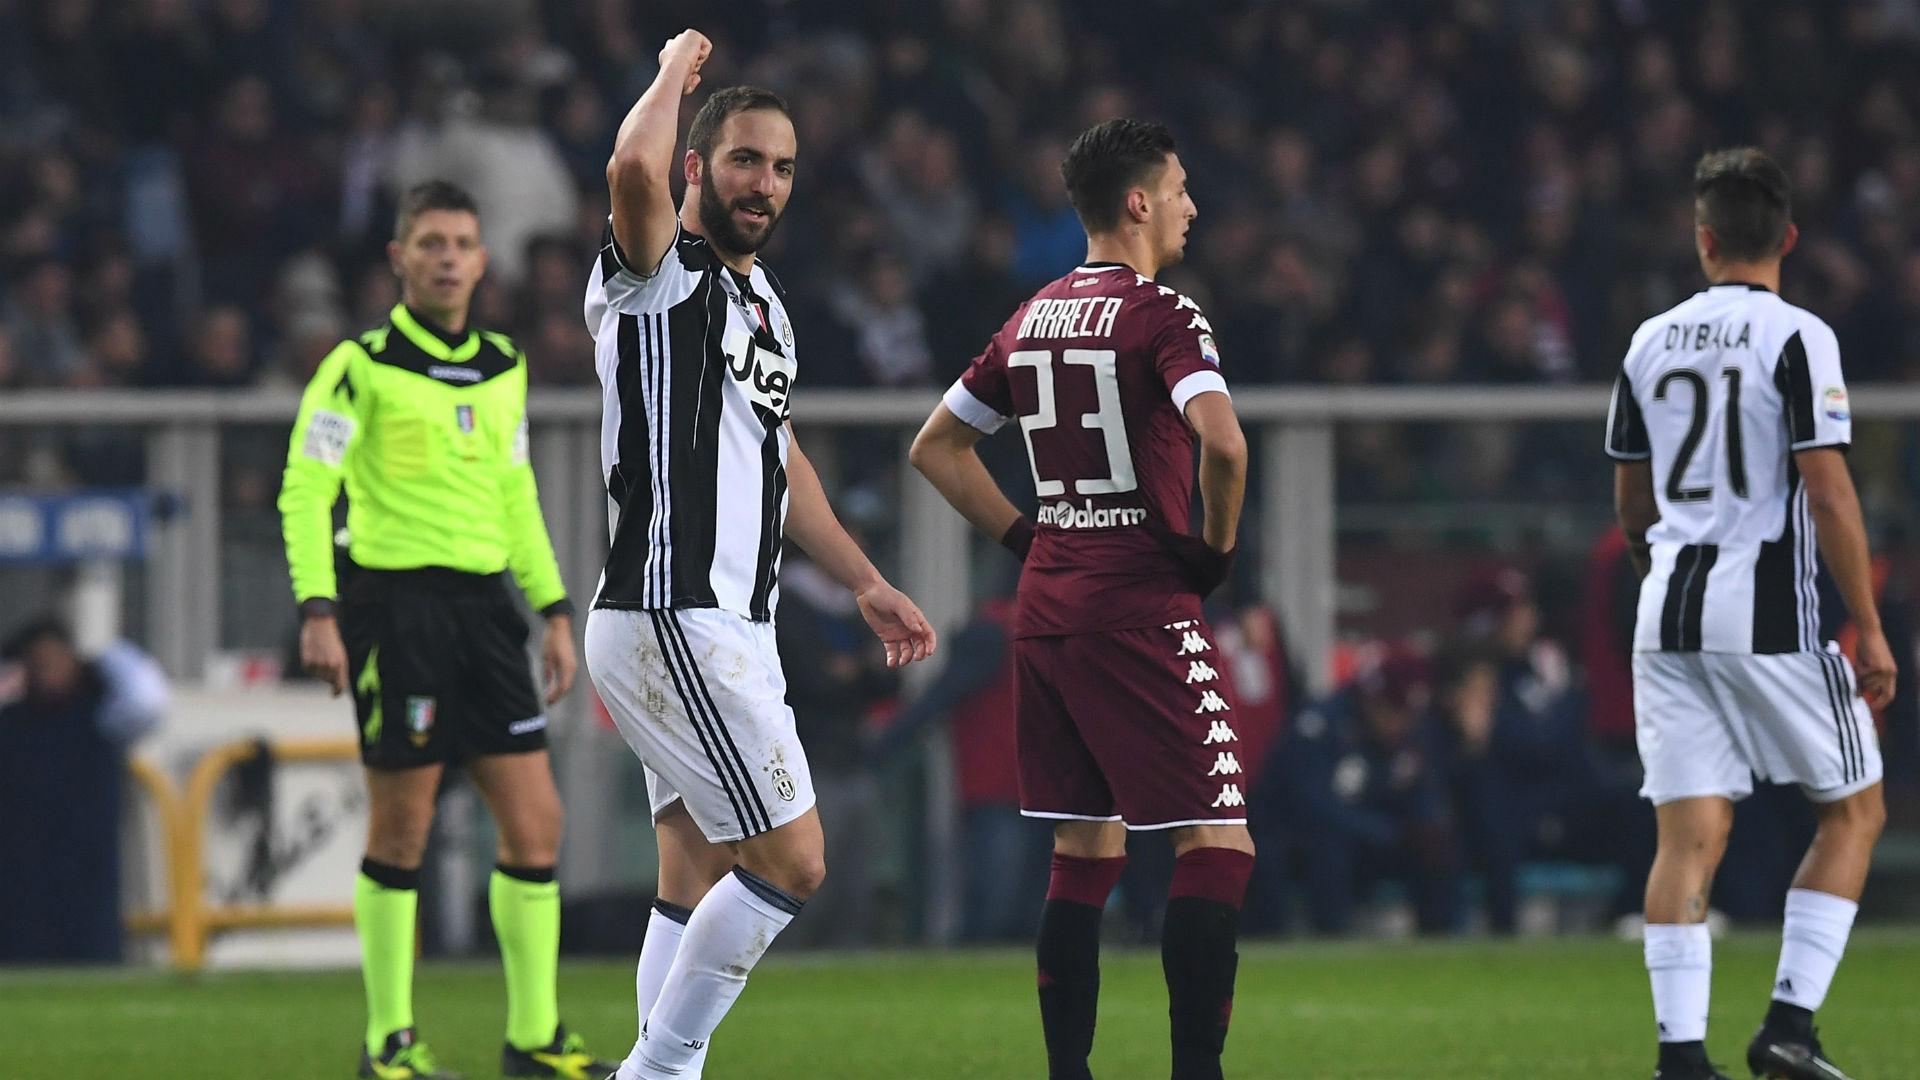 Higuain có cú đúp, Juventus ngược dòng đánh bại Torino